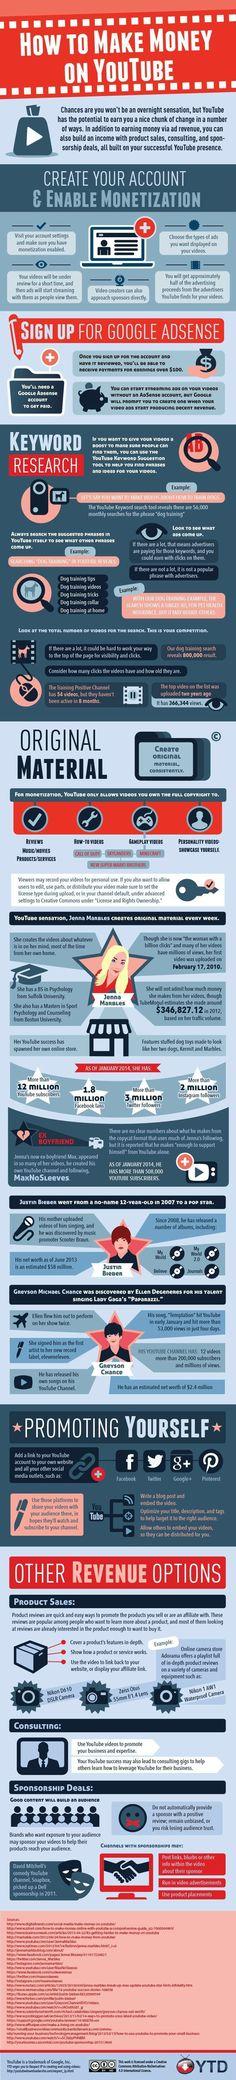 How to make money on Youtube #infographic @rubendelaosa http://www.rubendelaosa.com/ #career Career Tips